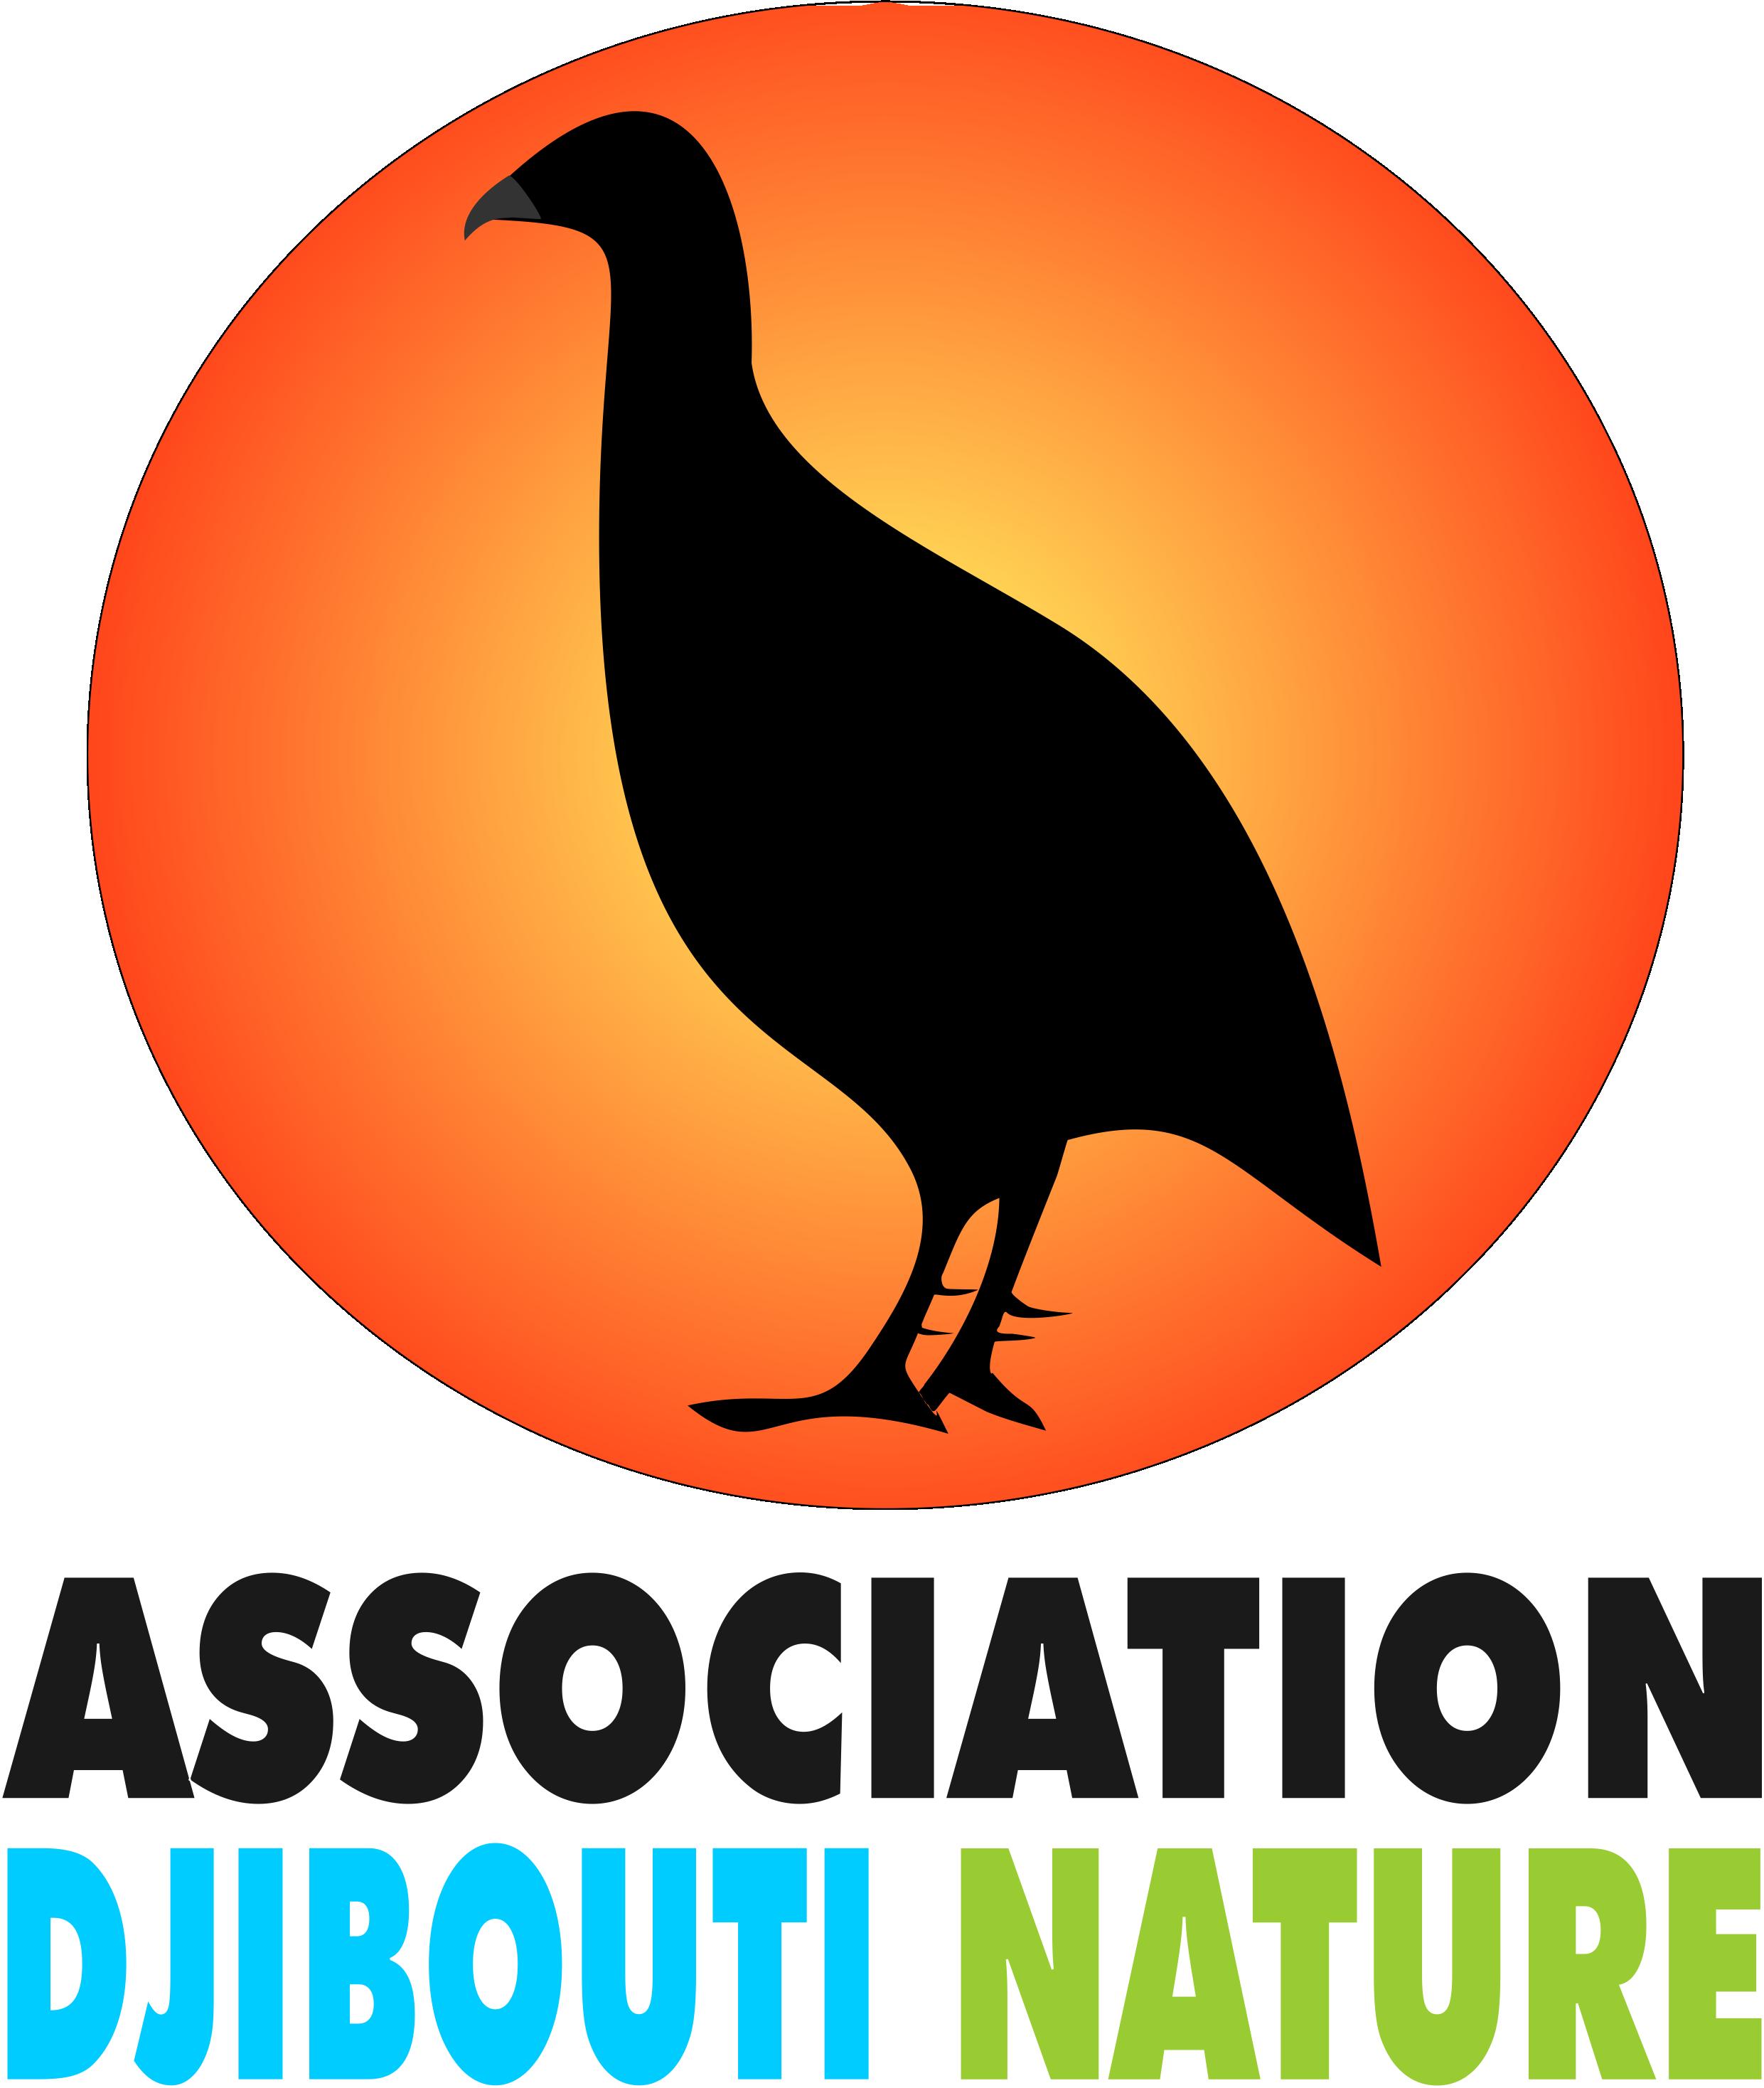 Association Djibouti Nature